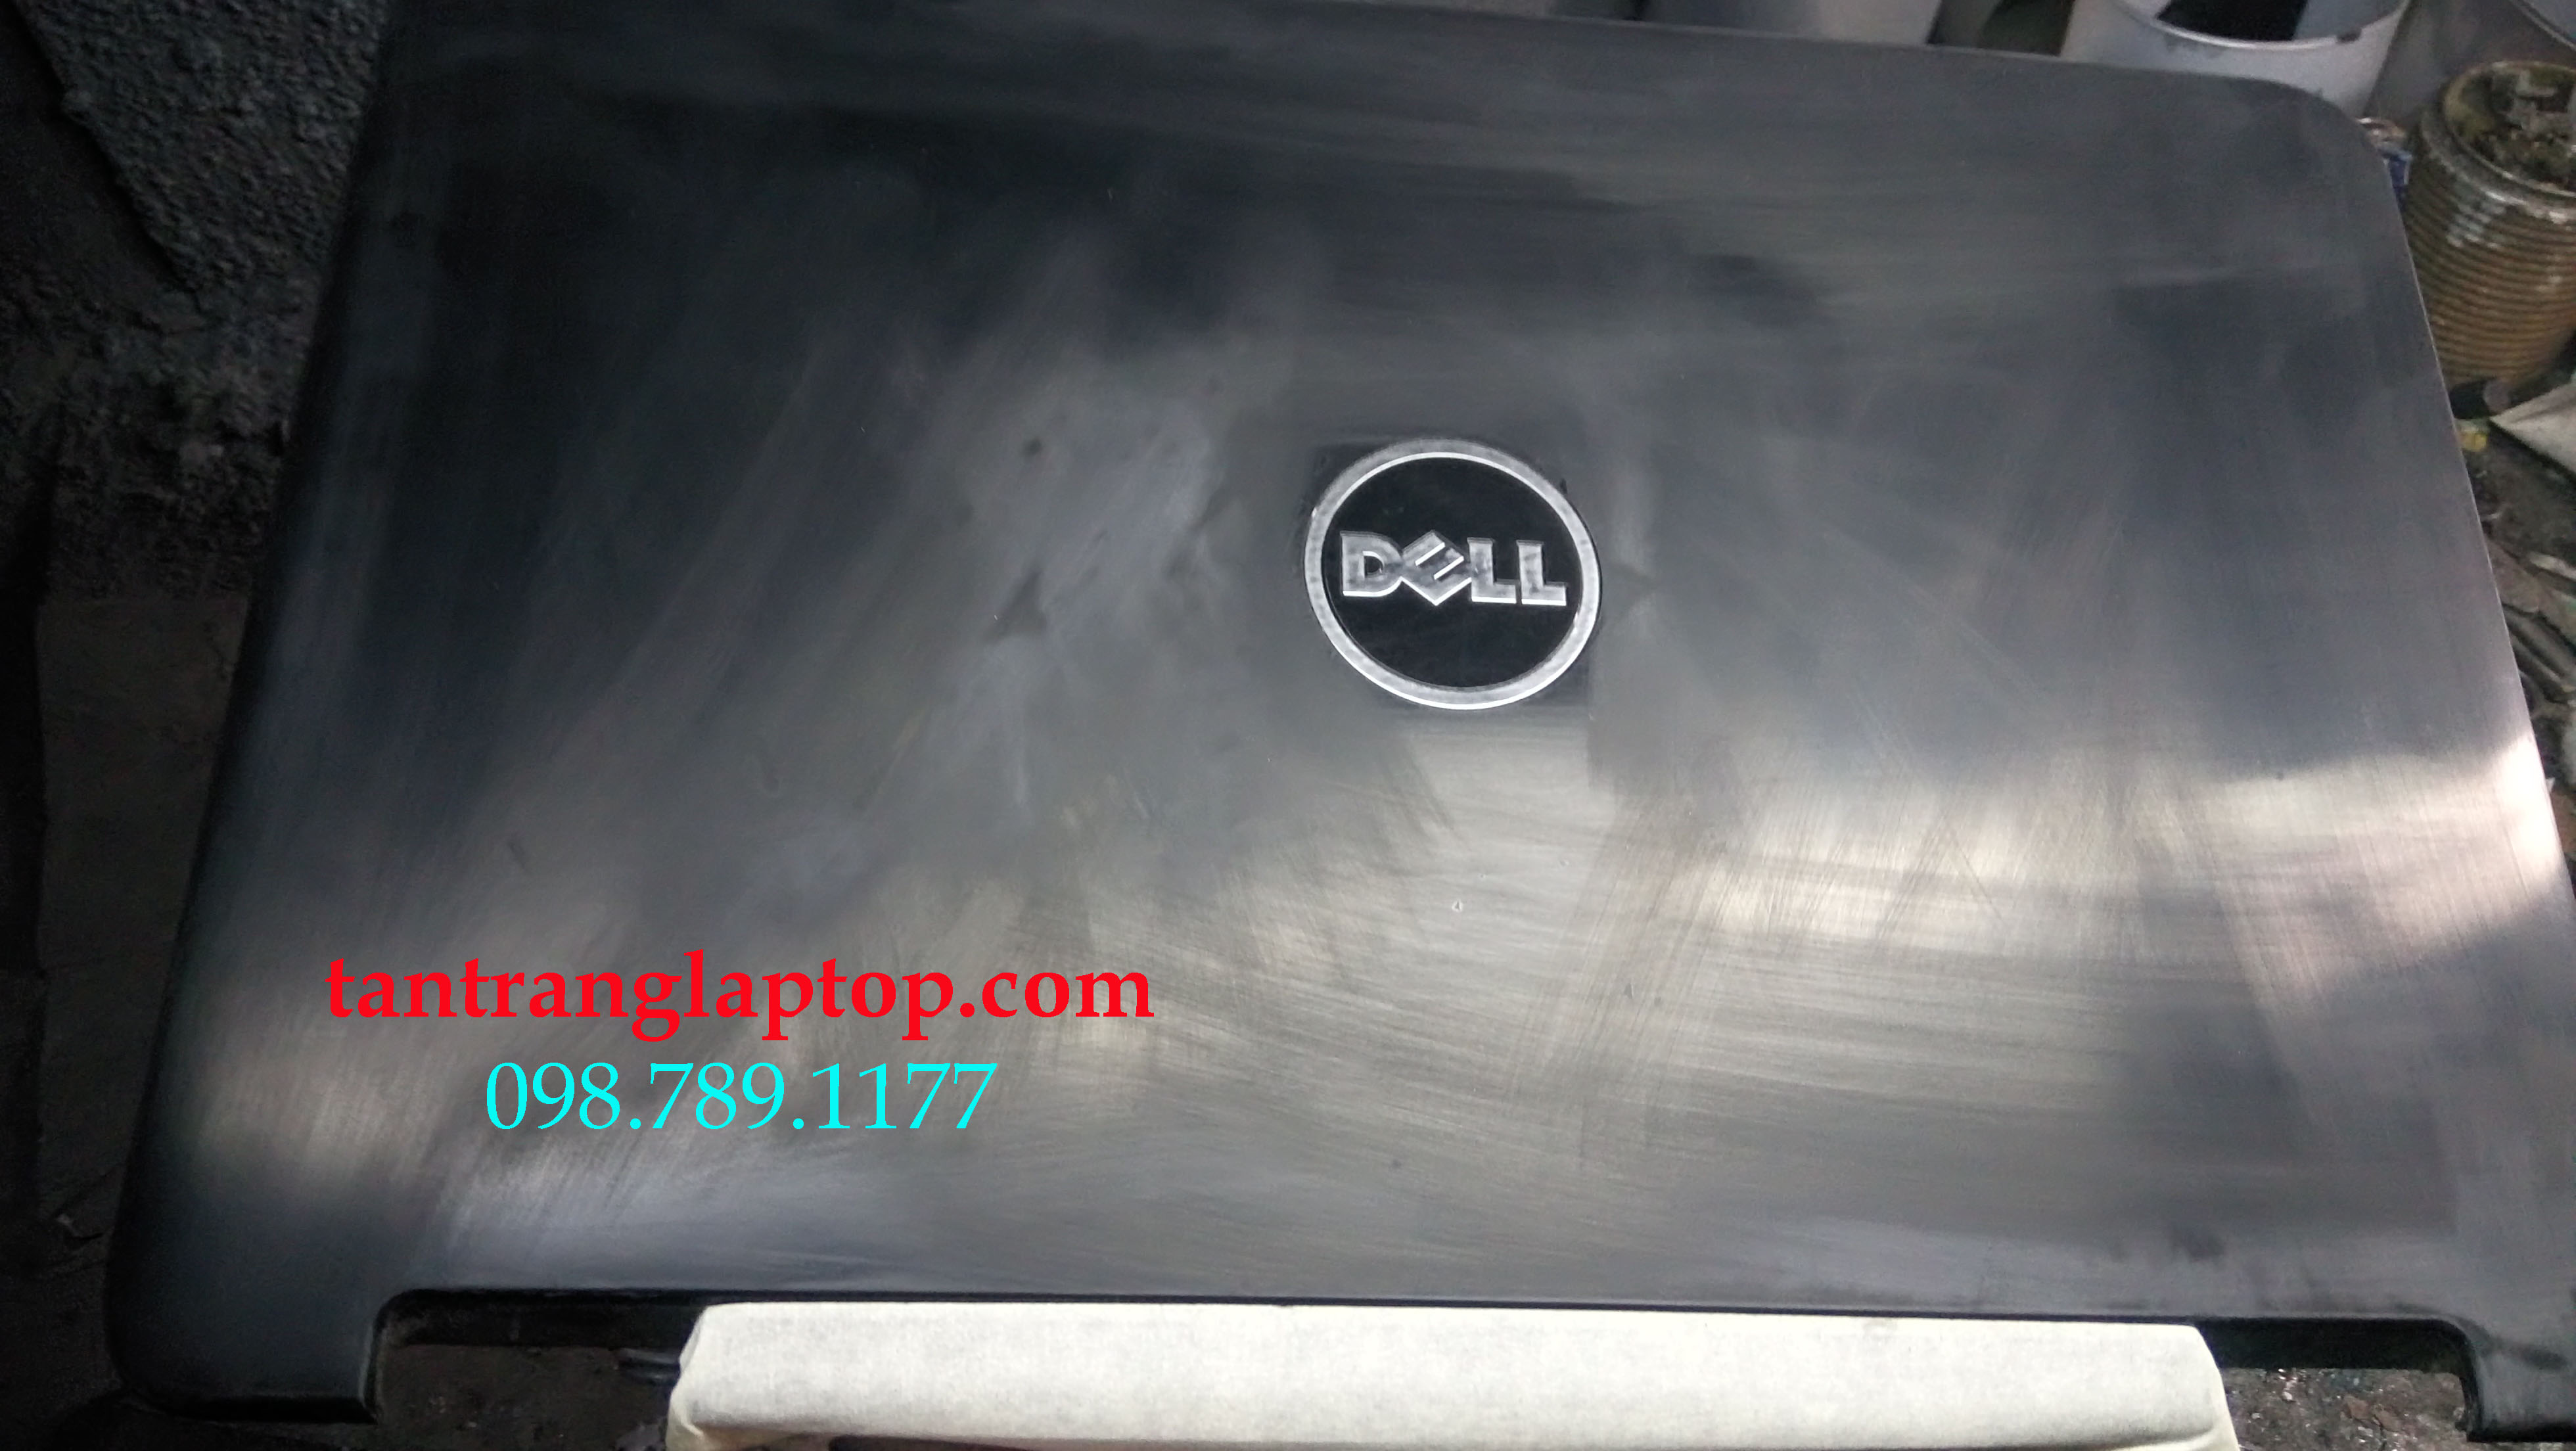 tân trang laptop quận tân phú, sơn vỏ laptop dell 4050